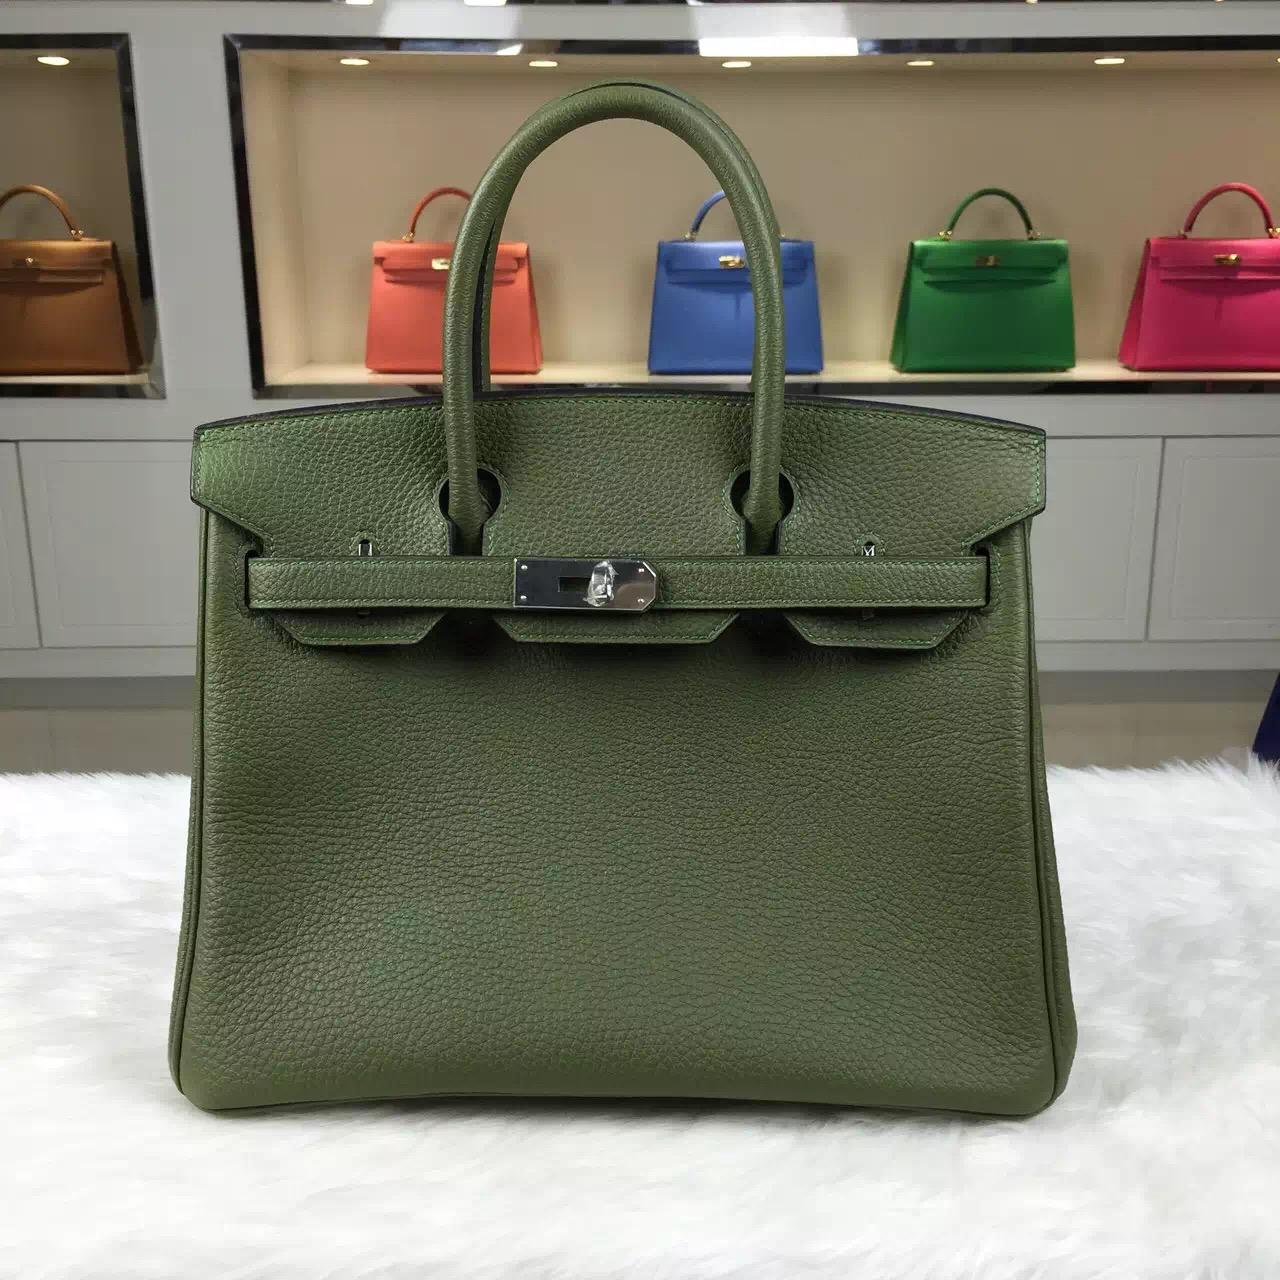 Discount Hermes Birkin Bag 30CM Multi-color France Togo Calfskin Leather Tote Bag